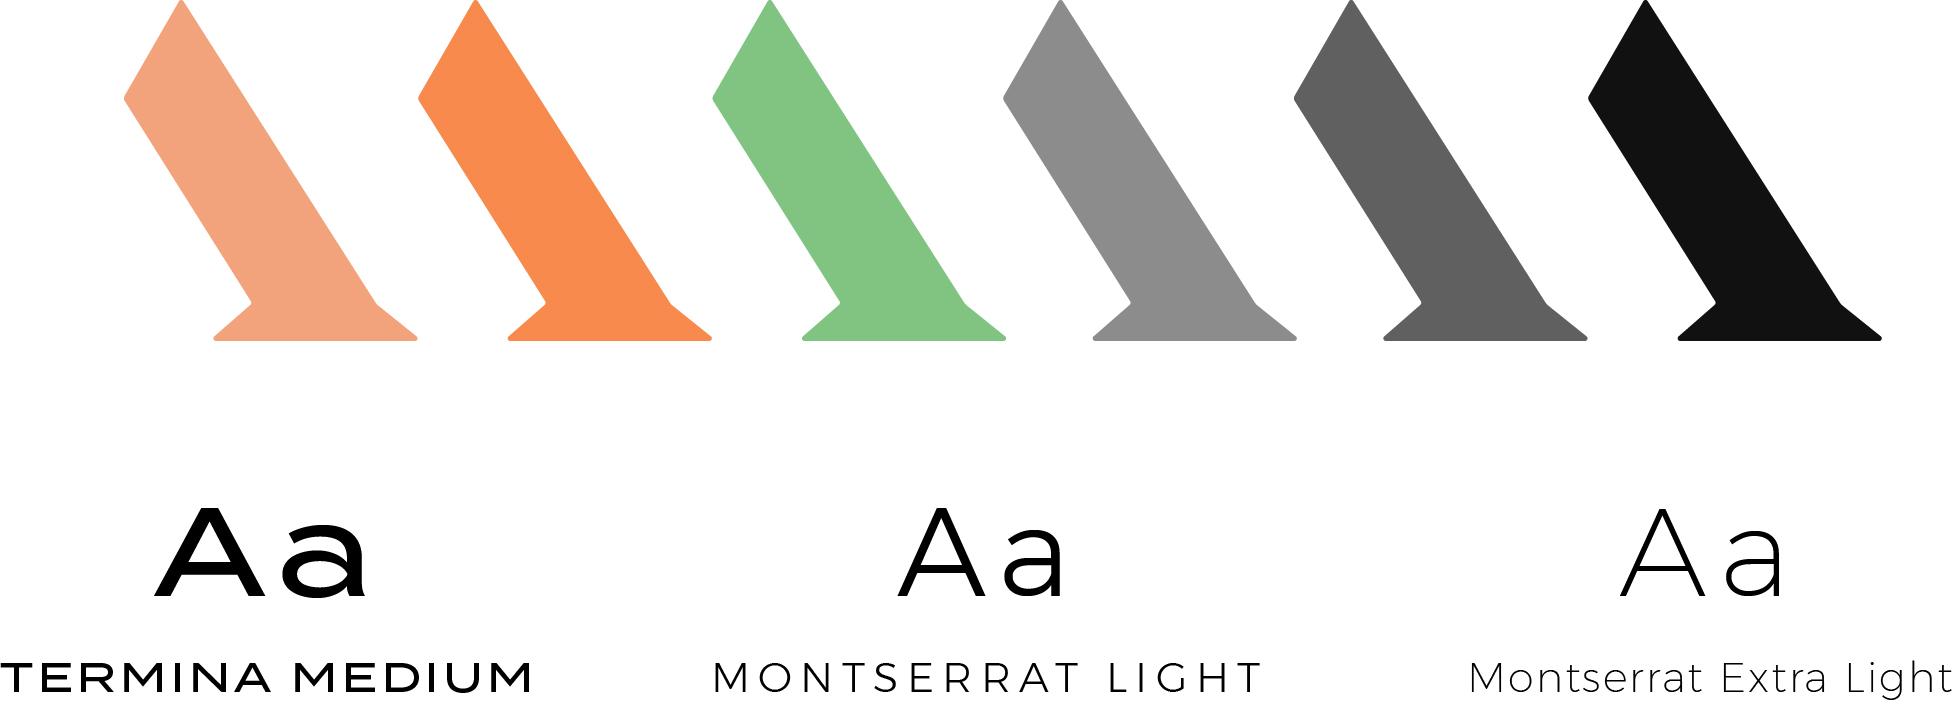 adonis-branding-colortype.jpg